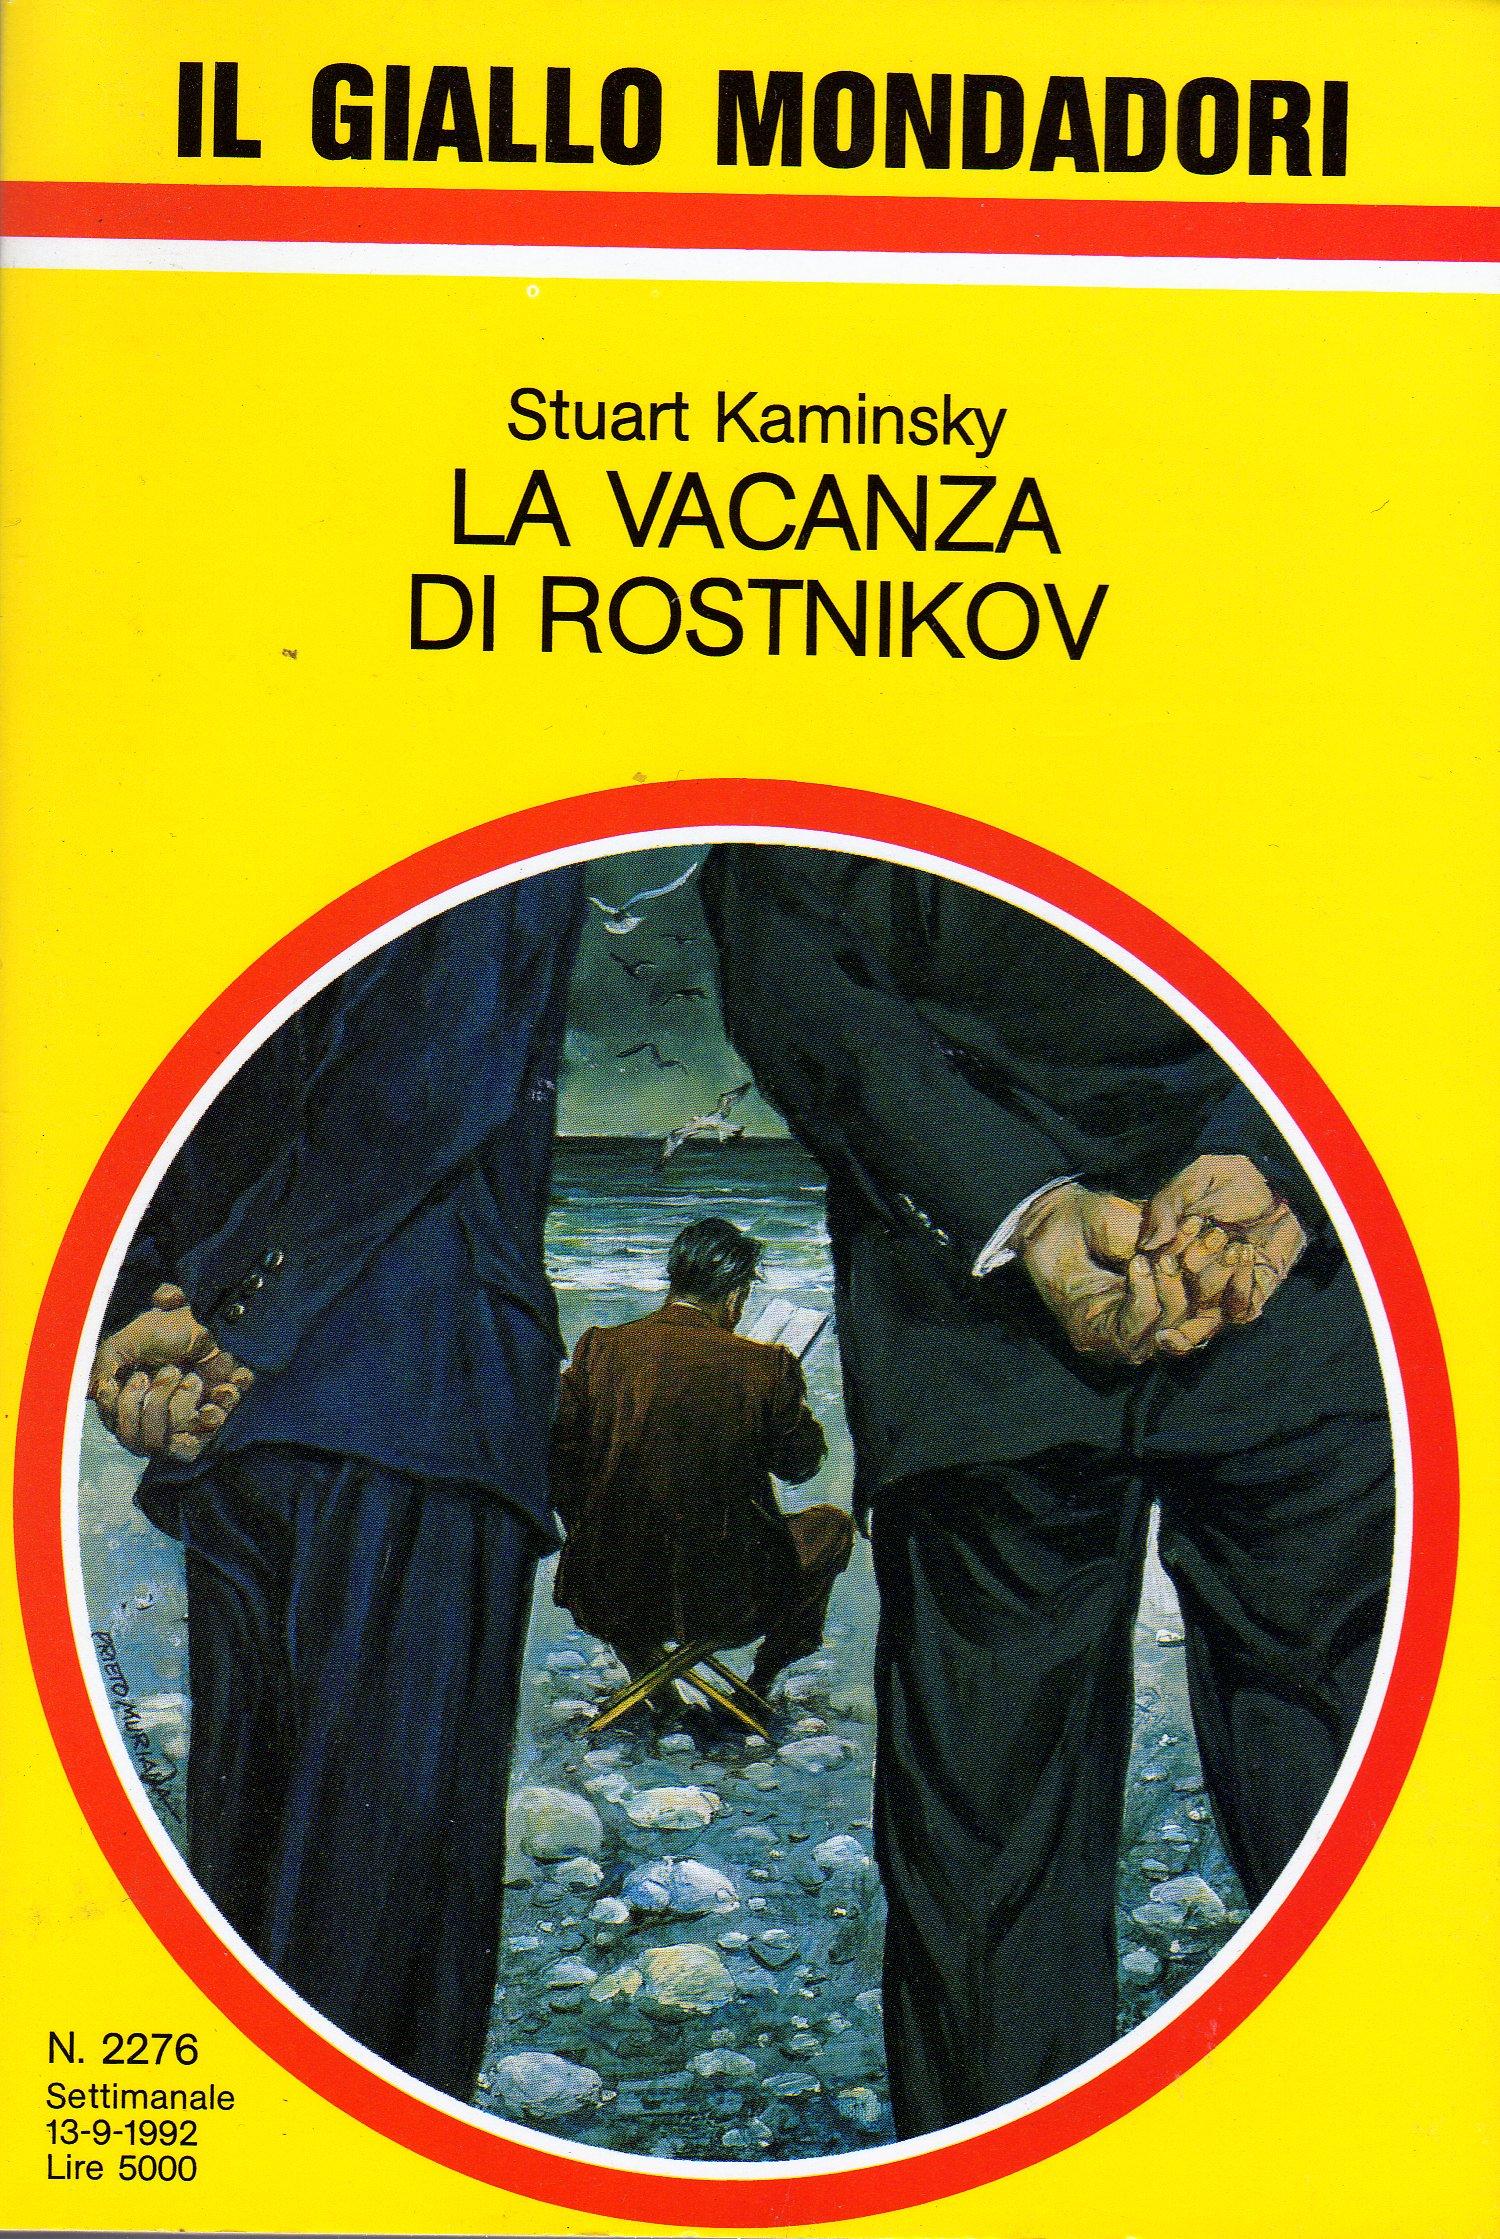 La vacanza di Rostnikov